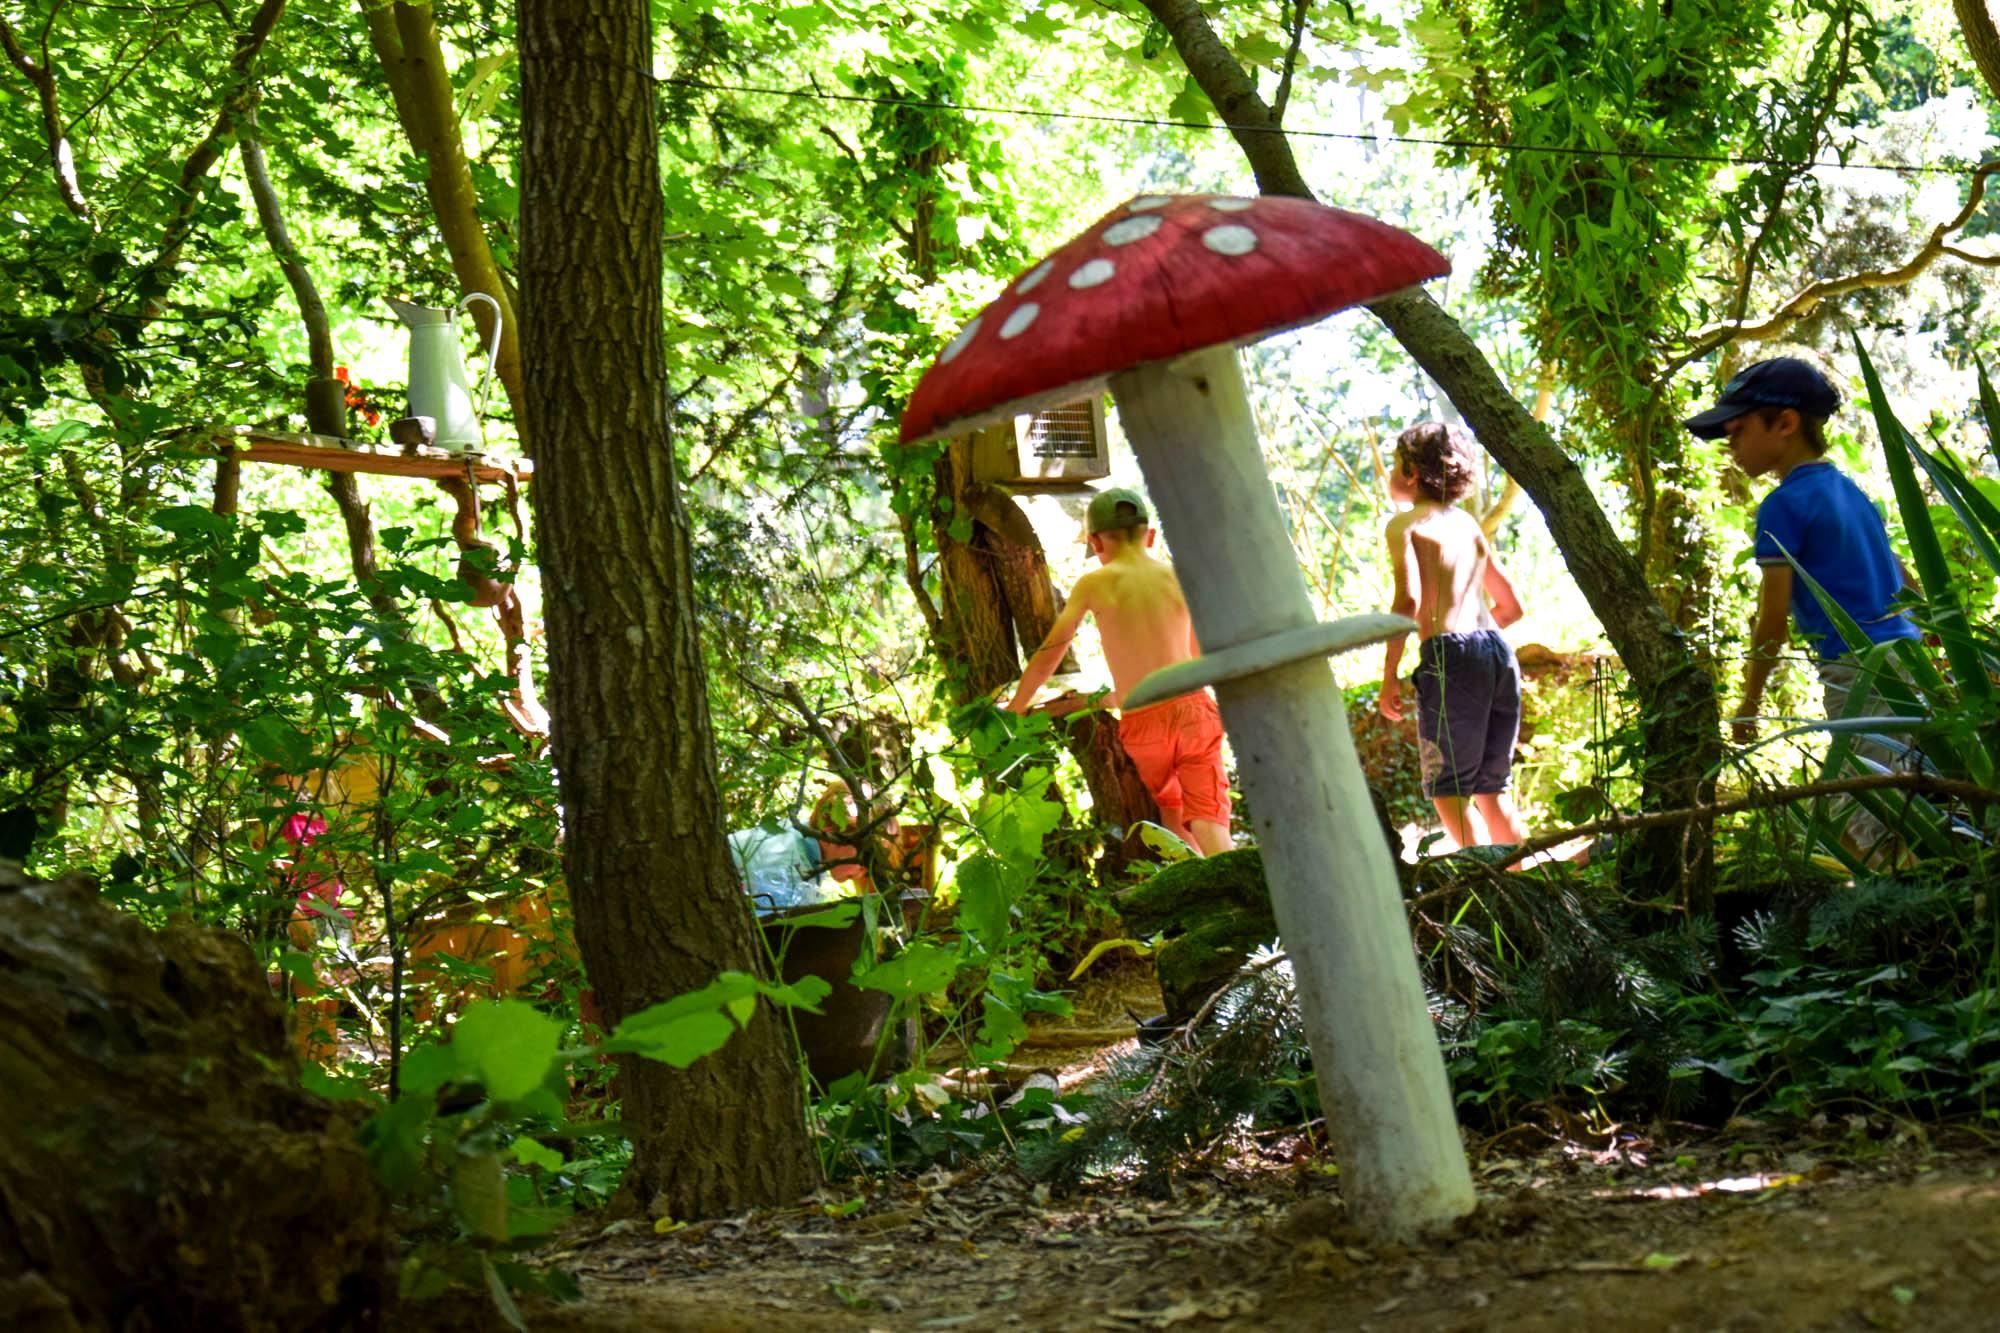 Les jardins de brocéliande bréal-sous-montfort